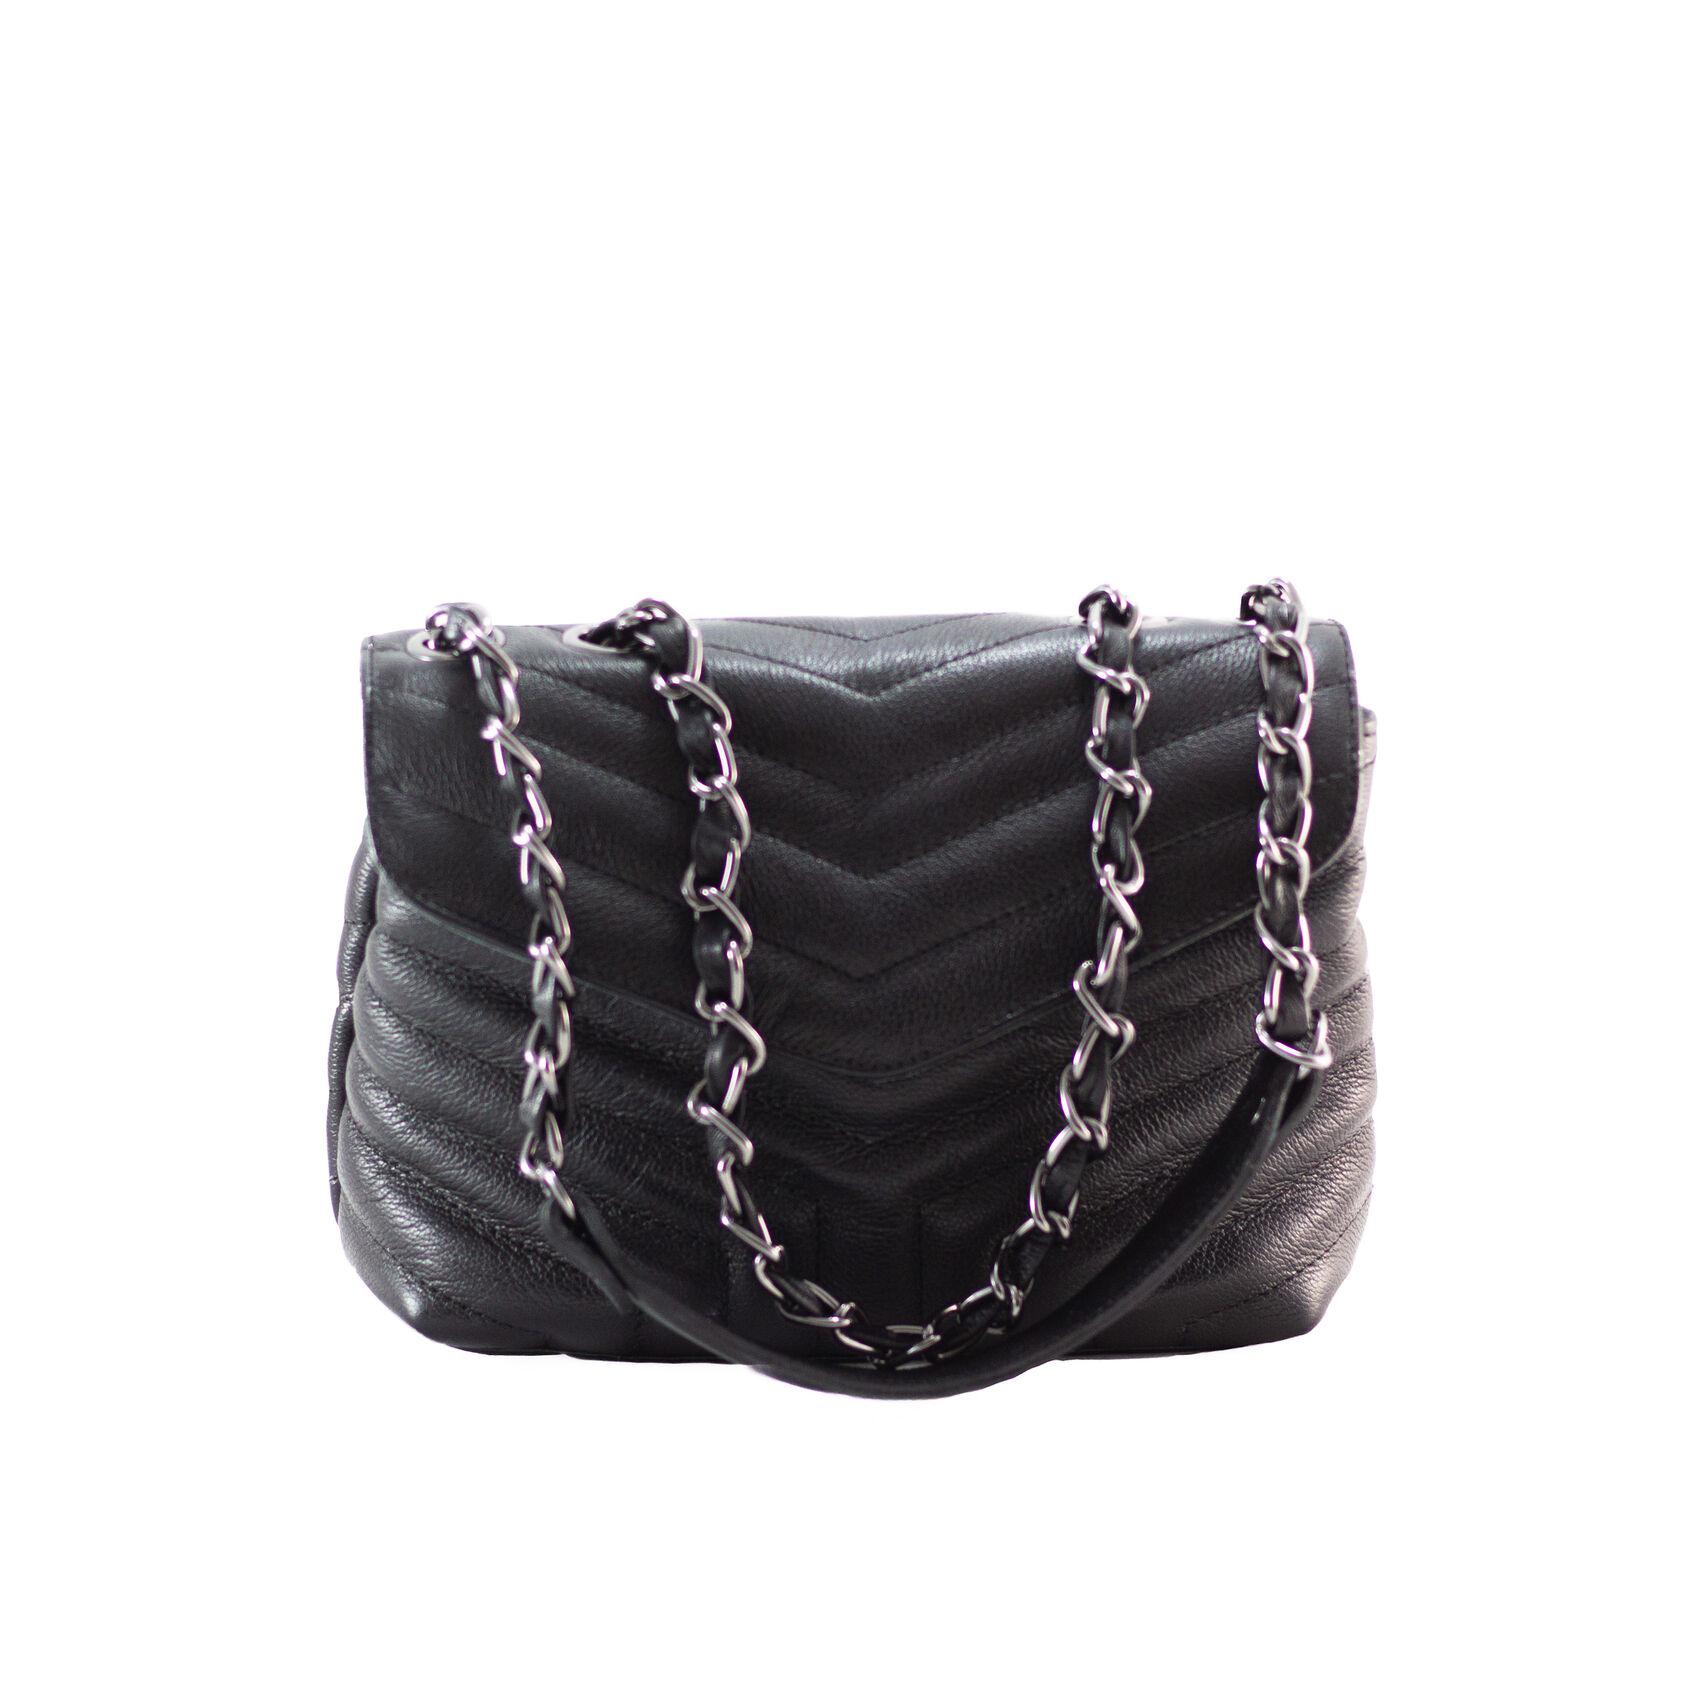 PORTO Bolsa de corrente em couro legítimo preta